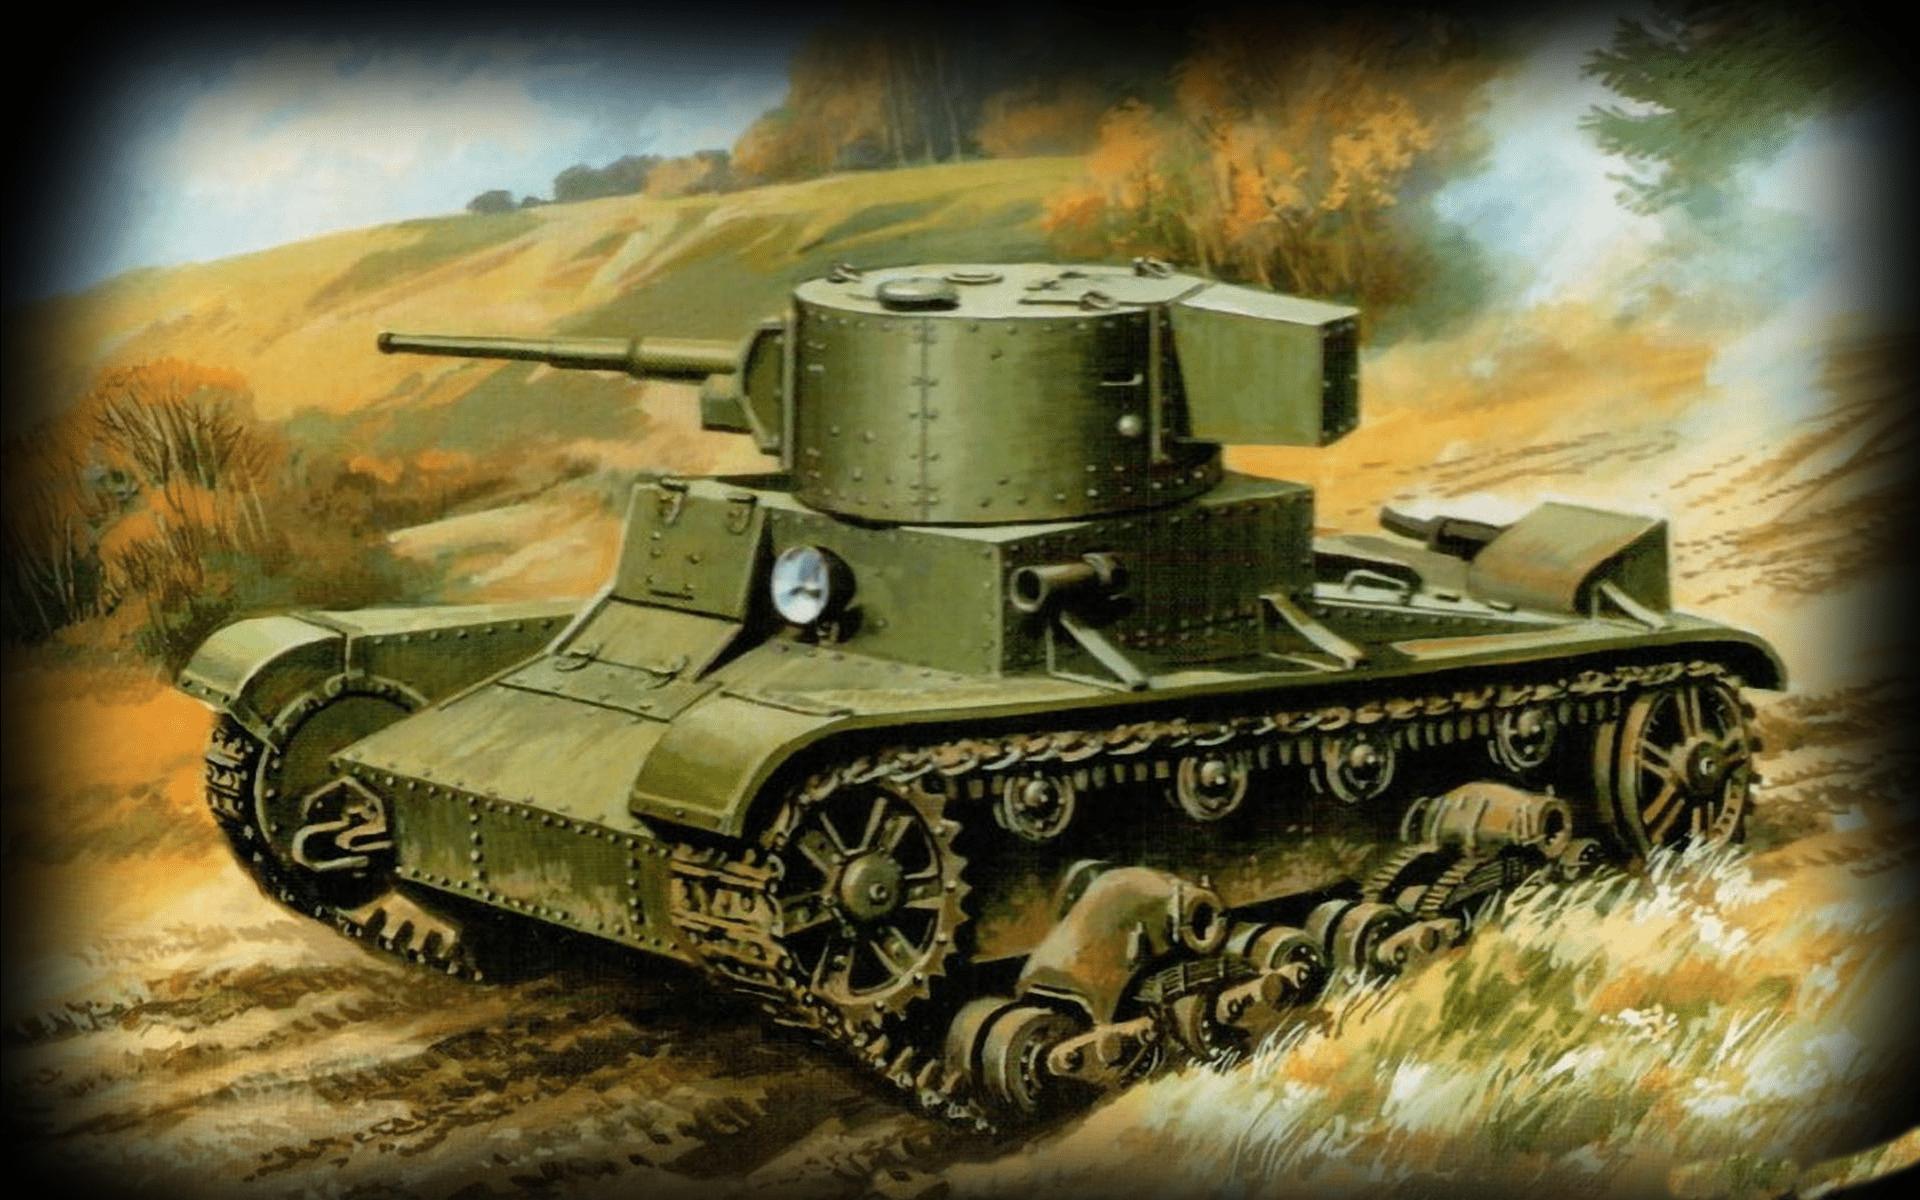 Большая колонна однотипных легких танков двигалась к переезду